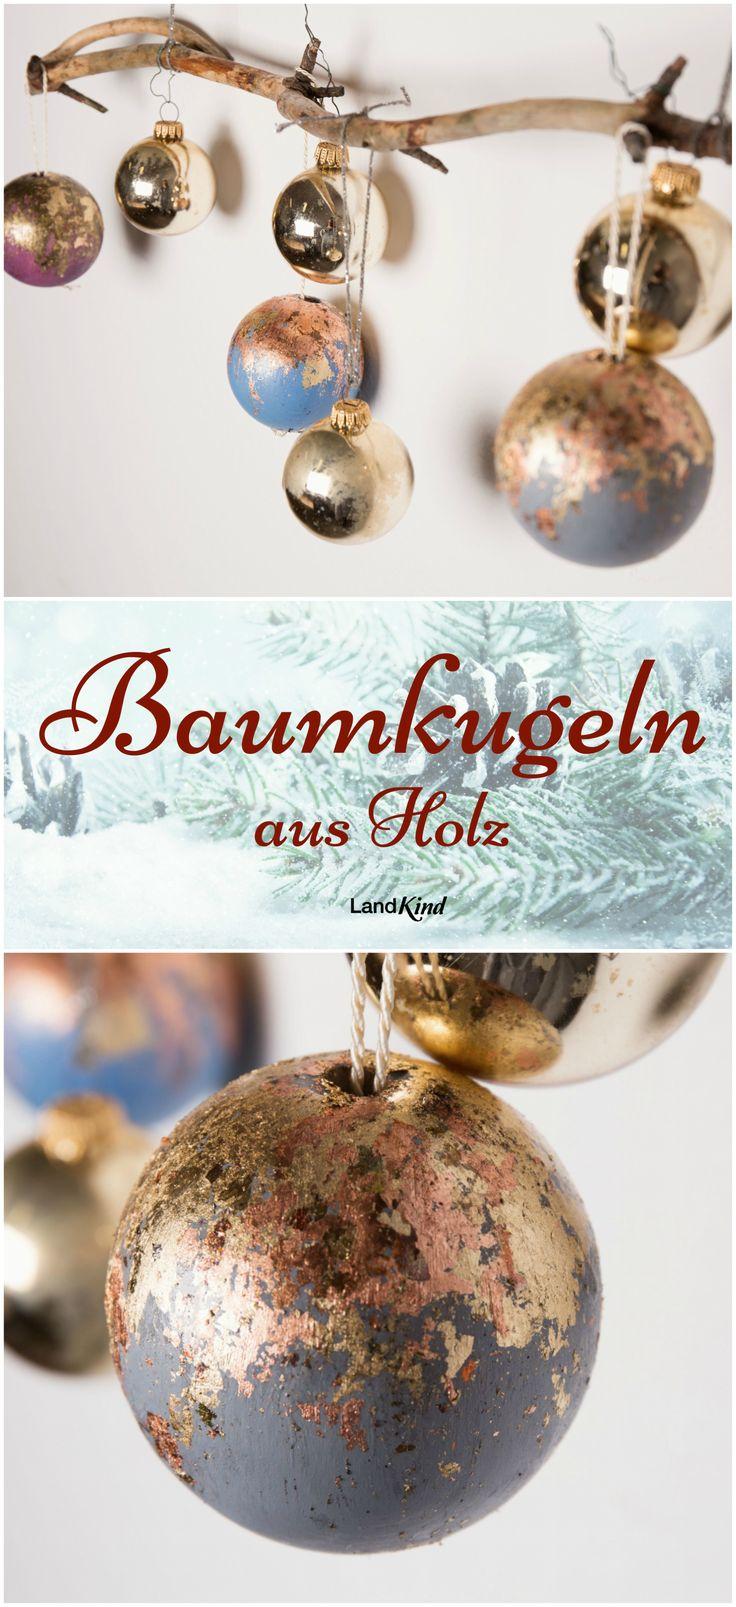 """Zu Weihnachten darf alles glitzern und funkeln. Mit Blattmetallflocken wird aus einfachen Holzkugeln bezaubernder Weihnachtsschmuck. Die einfache Bastelanleitung gibt's im LandKind Spezial """"Basteln & Dekorieren""""."""